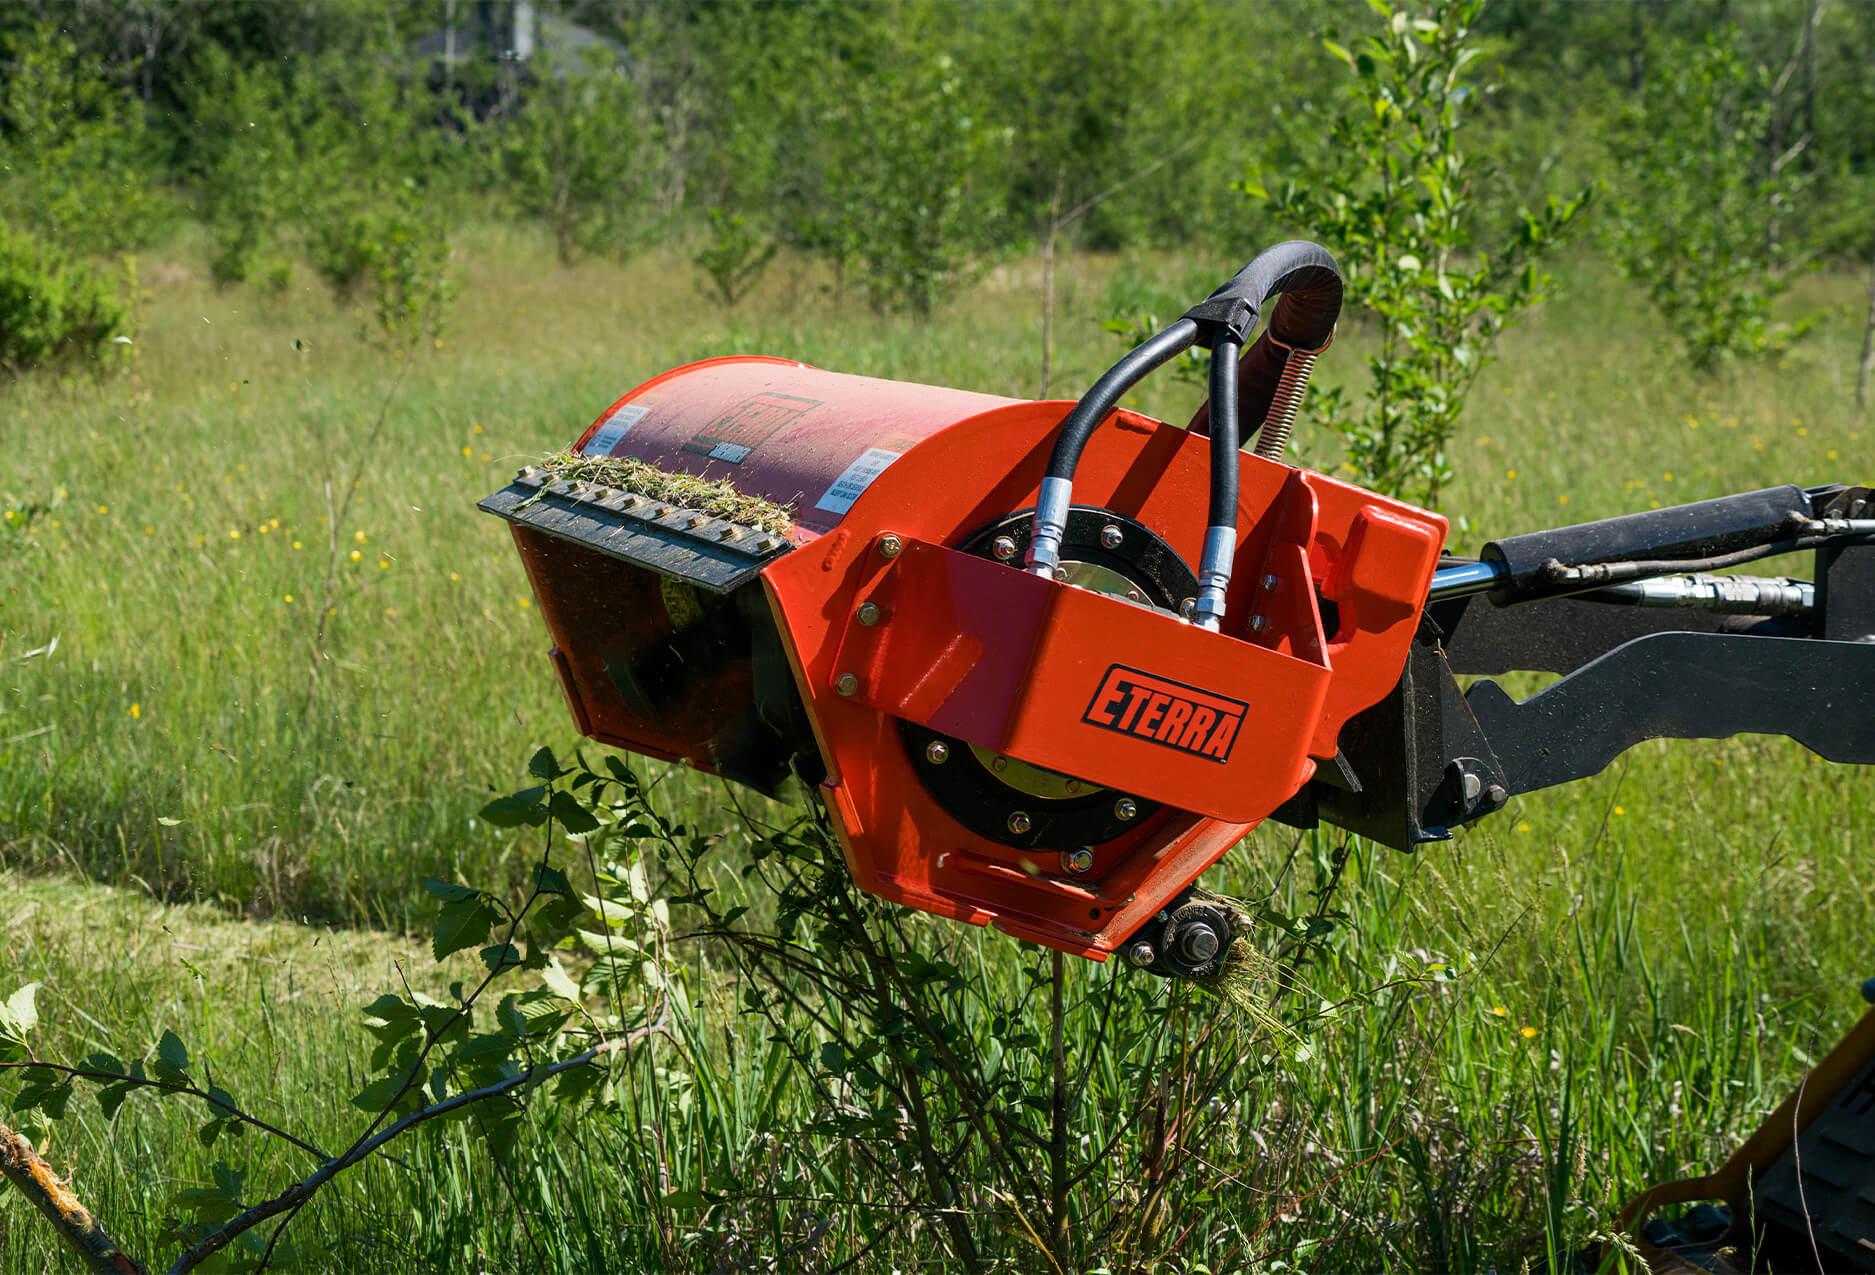 Eterra Sidewinder mini Skid Steer flail mower side angle closeup